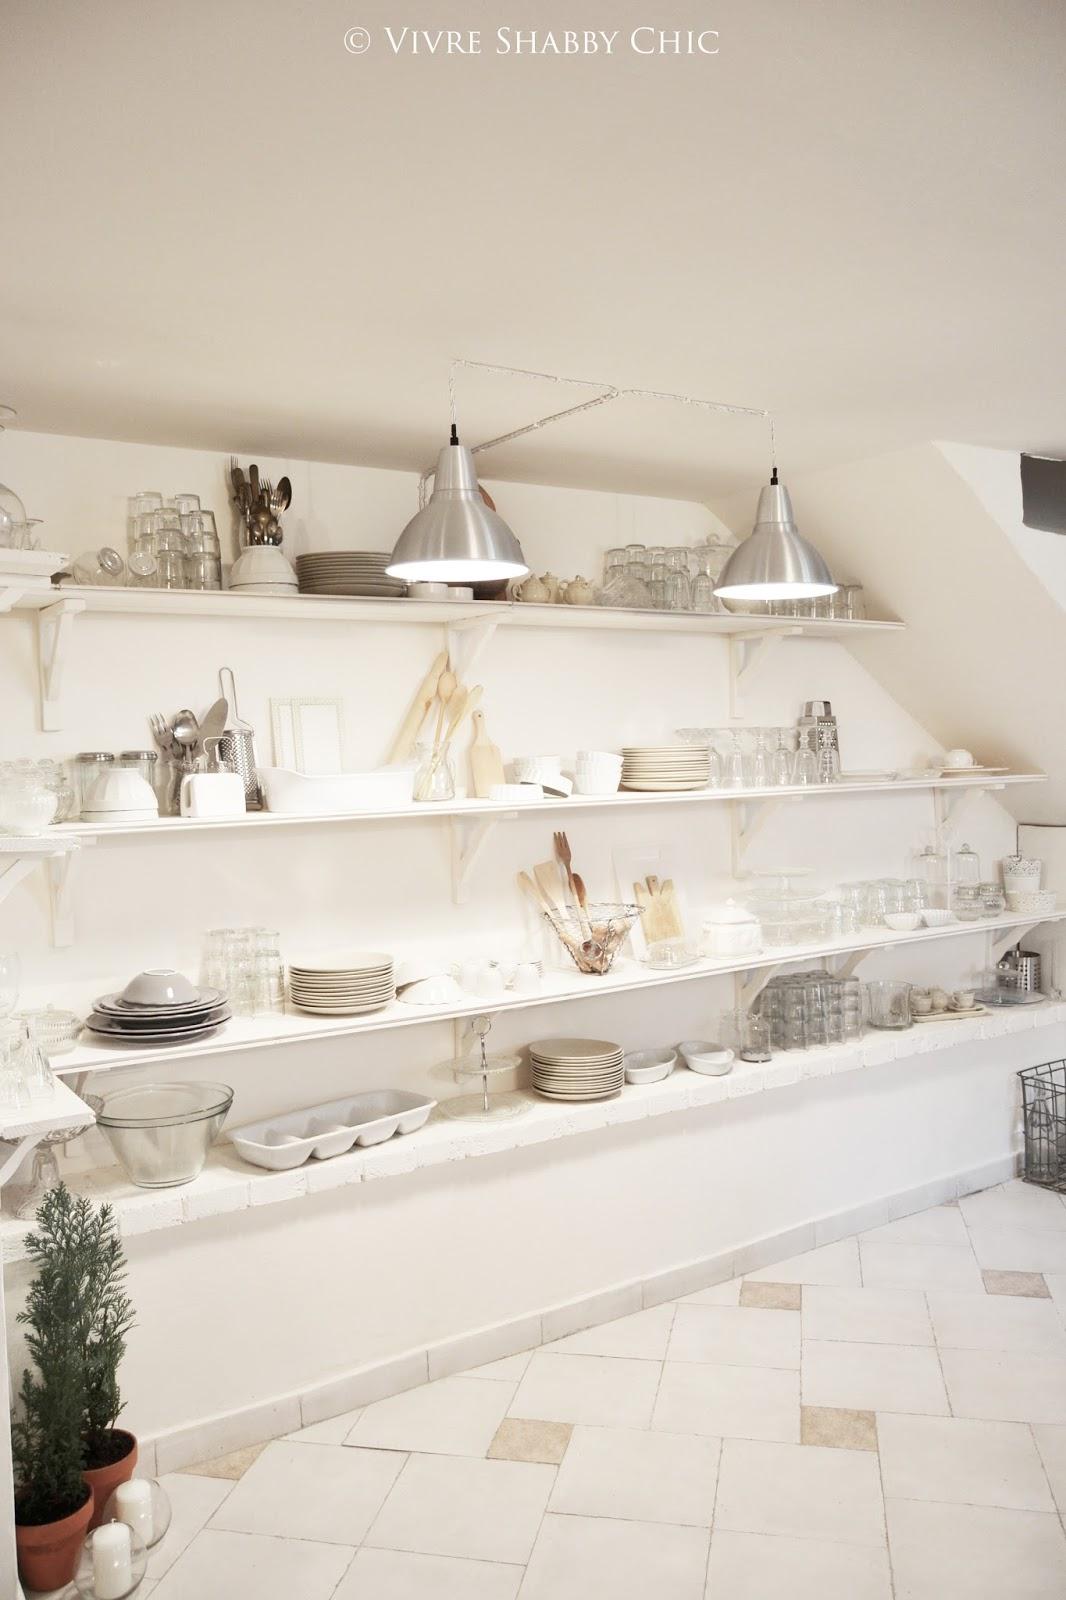 Shabby Chic: Un Tocco Di Stile Industriale: Nuove Lampade In Cucina #8C573F 1066 1600 Arredo Cucina Stile Industriale